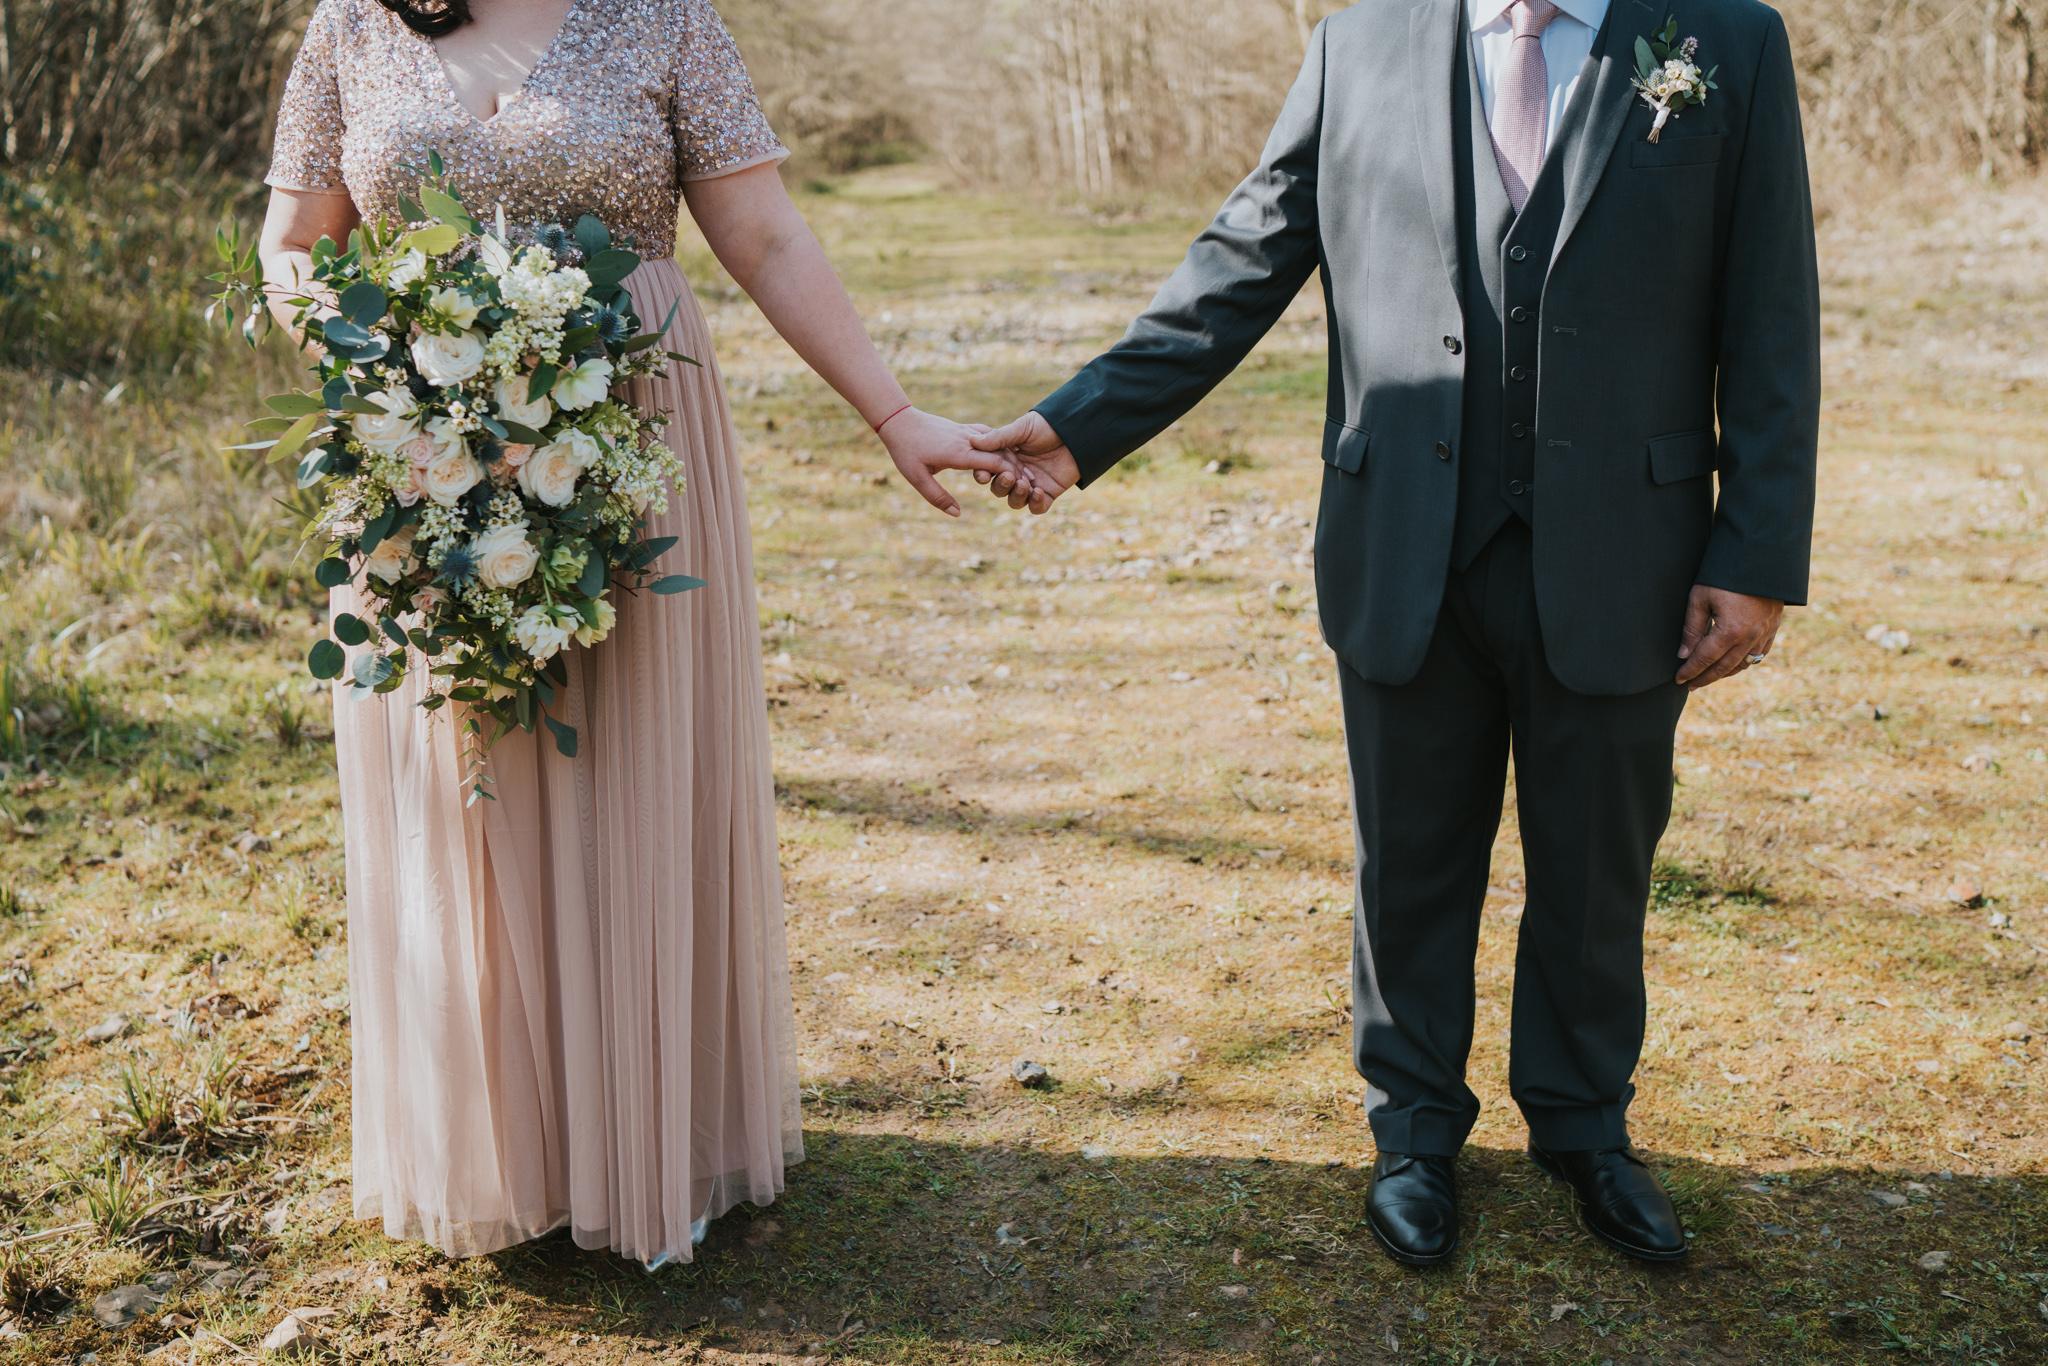 yuliya-yafith-colchester-essex-woodland-elopement-alternative-wedding-photographer-grace-elizabeth-essex-suffolk-norfolk-devon (25 of 40).jpg